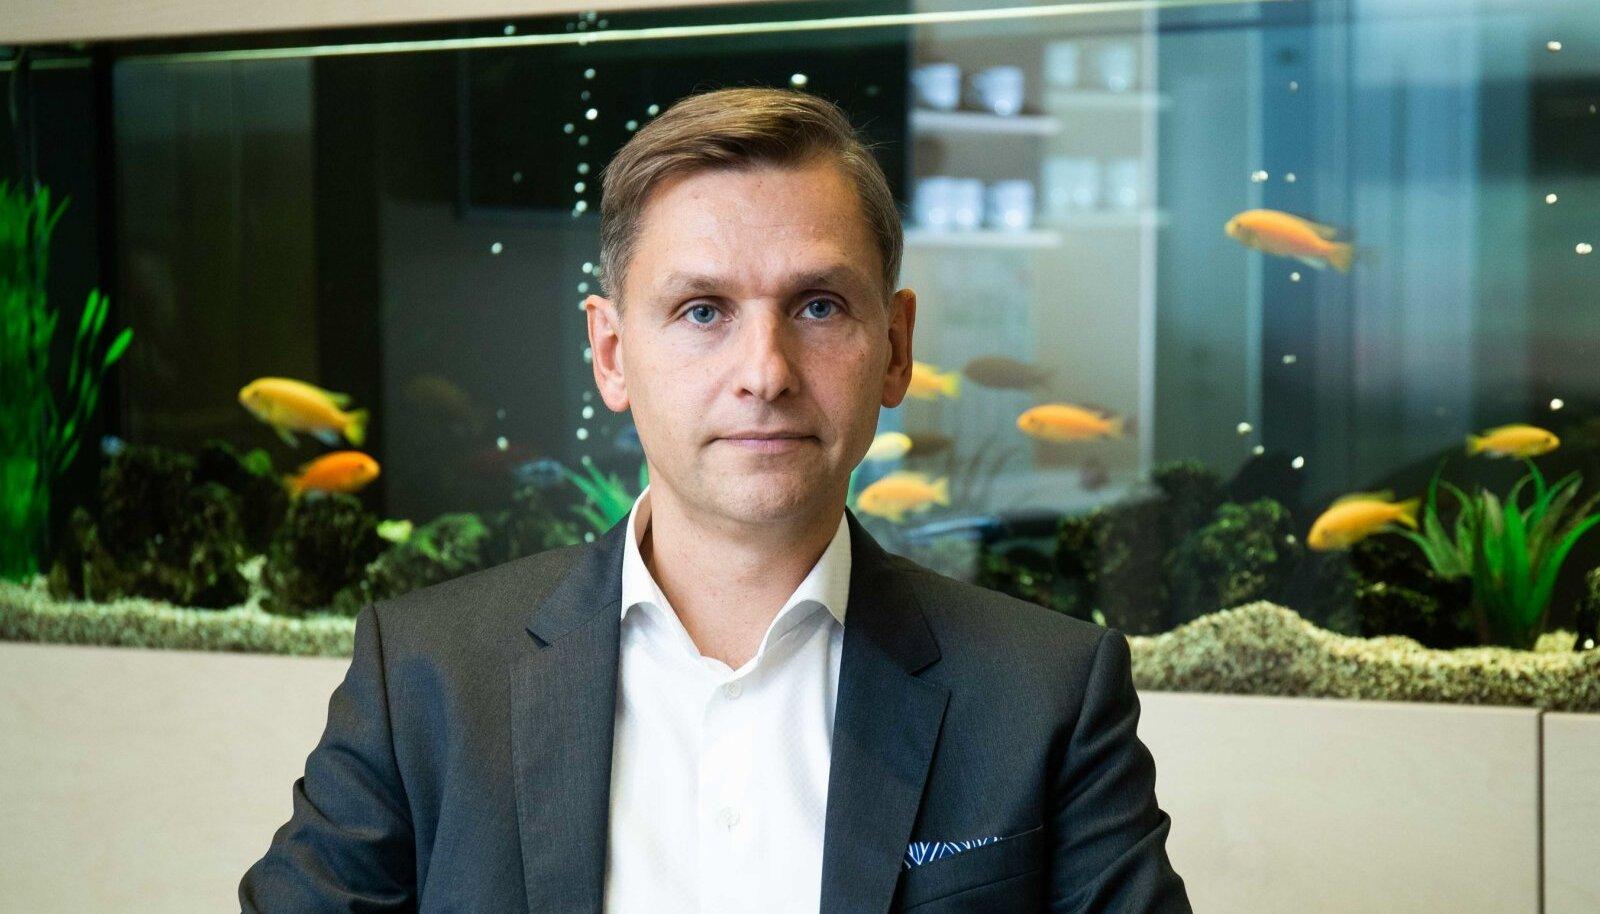 SEB ettevõtluspanganduse juhi Artjom Sokolovi sõnul tasub ettevõtetel hüpata varakult ökoloogilise jalajälje vähendamise rongile.